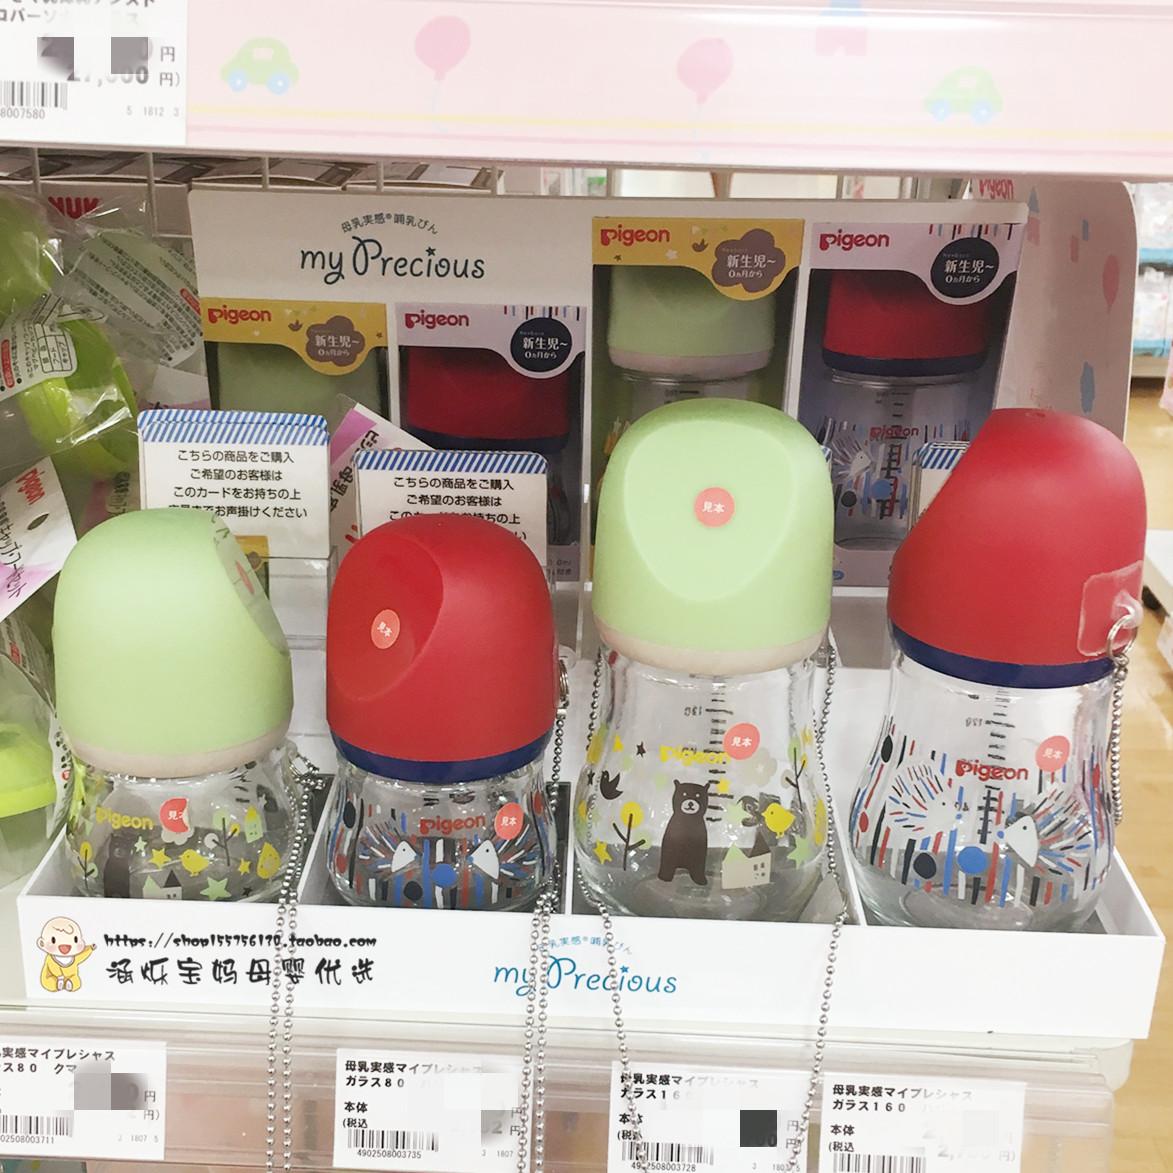 12-02新券日本pigeon贝亲限量玻璃奶瓶刺猬